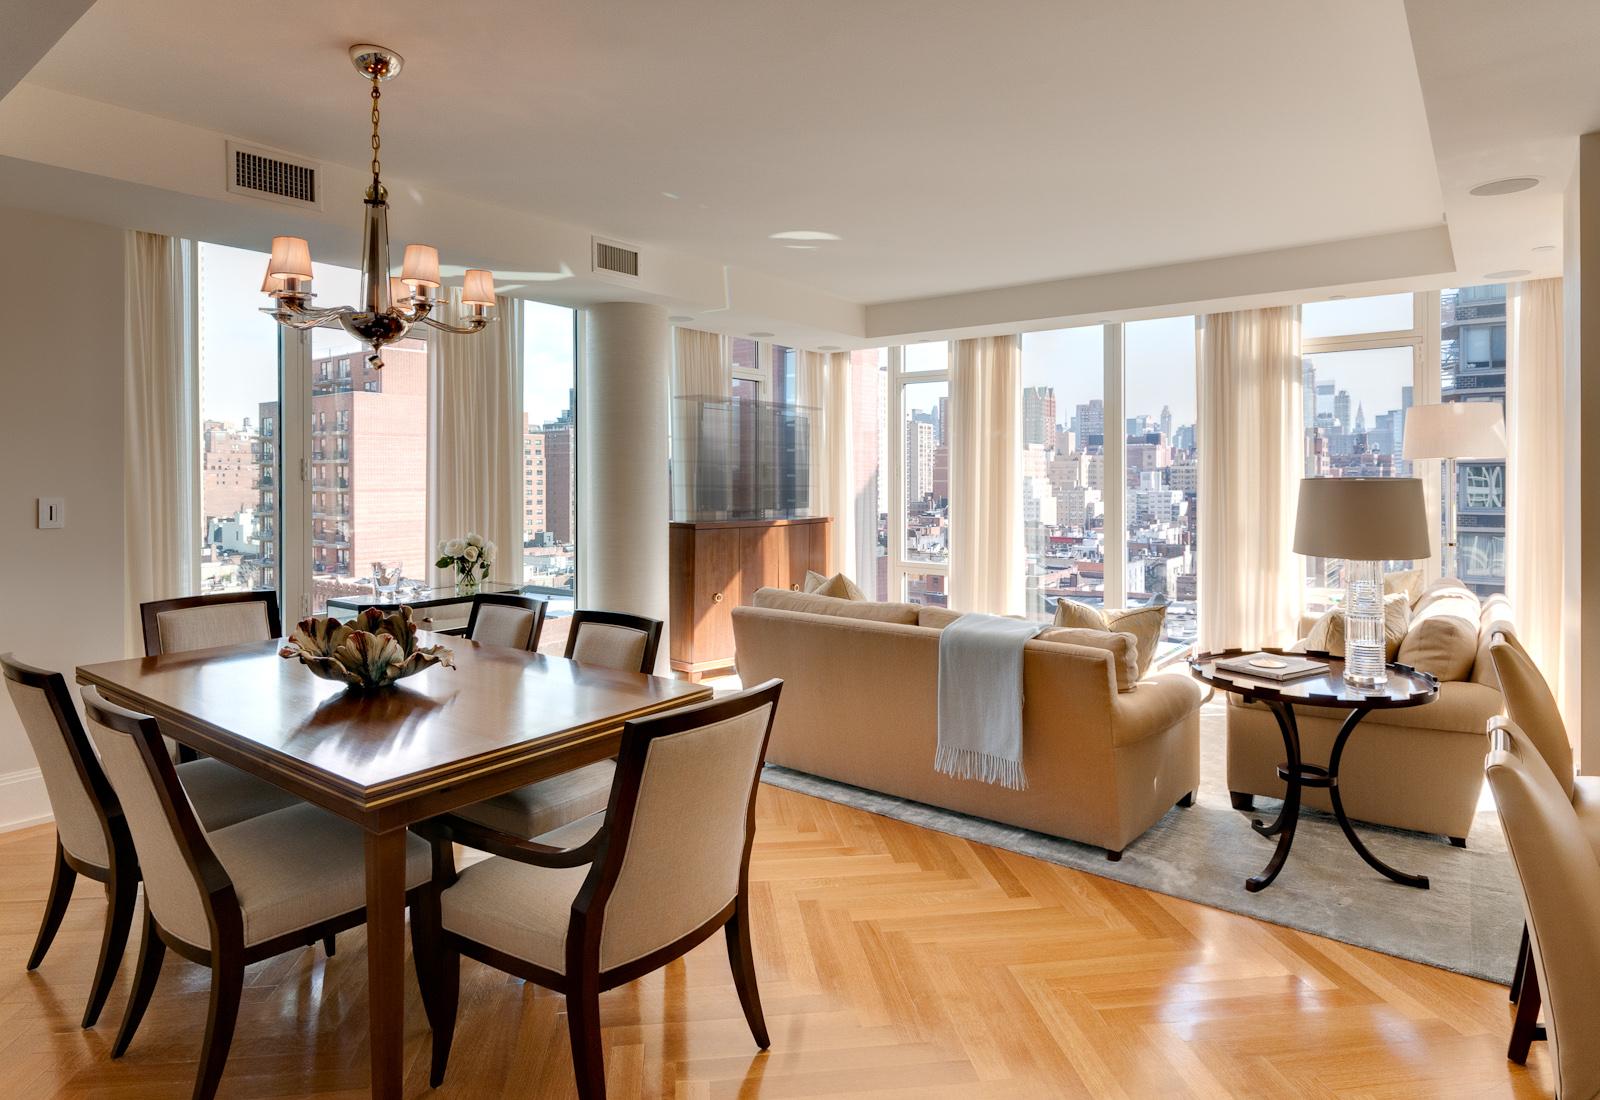 Дизайн кухни гостиной в неоклассическом стиле